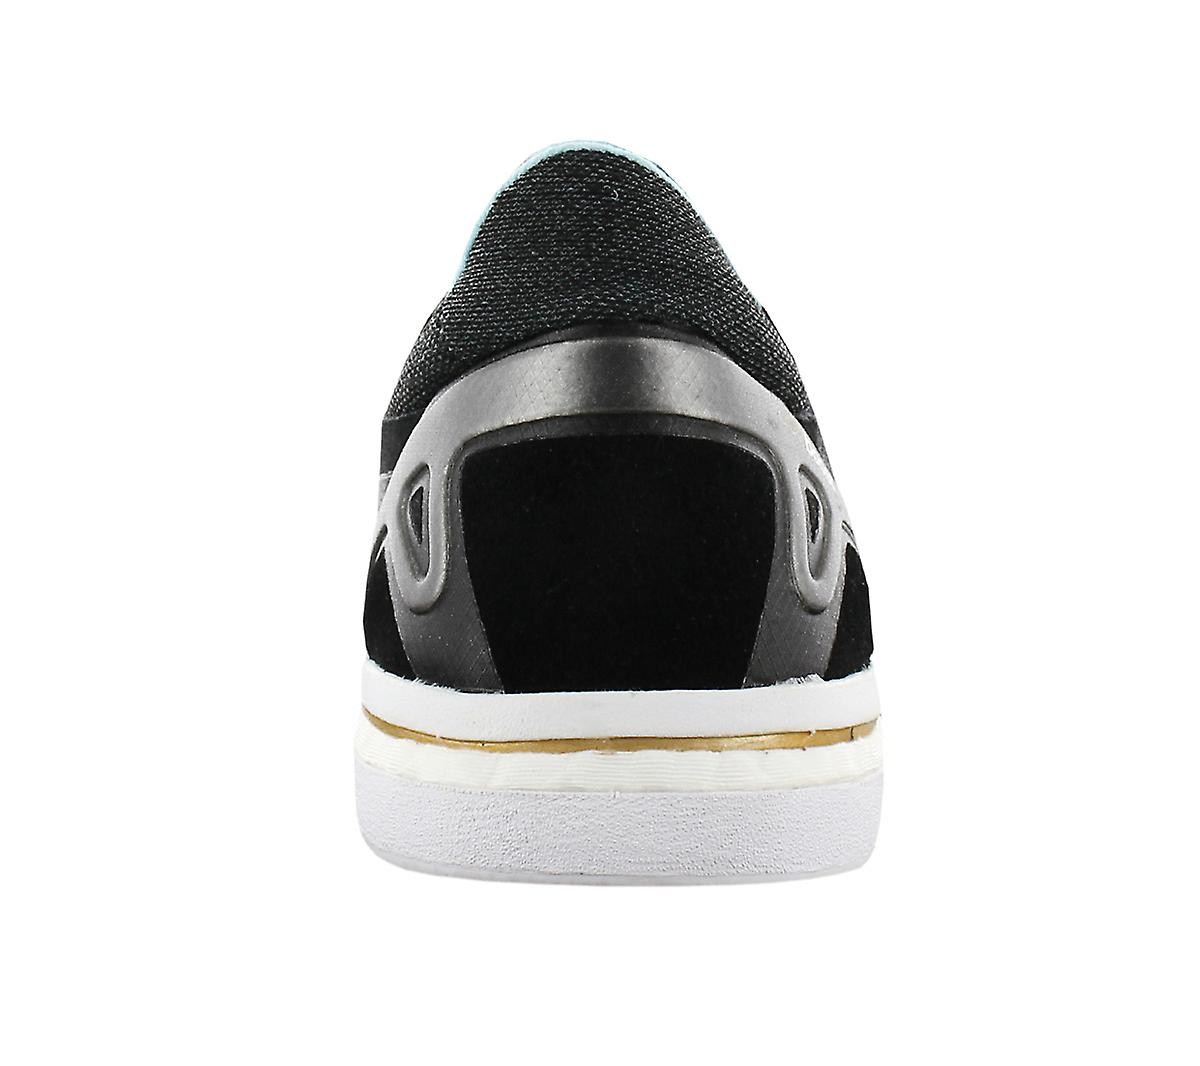 adidas ADV Boost D69243 Scarpe da uomo Nero Sneakers Scarpe sportive a7xbyU